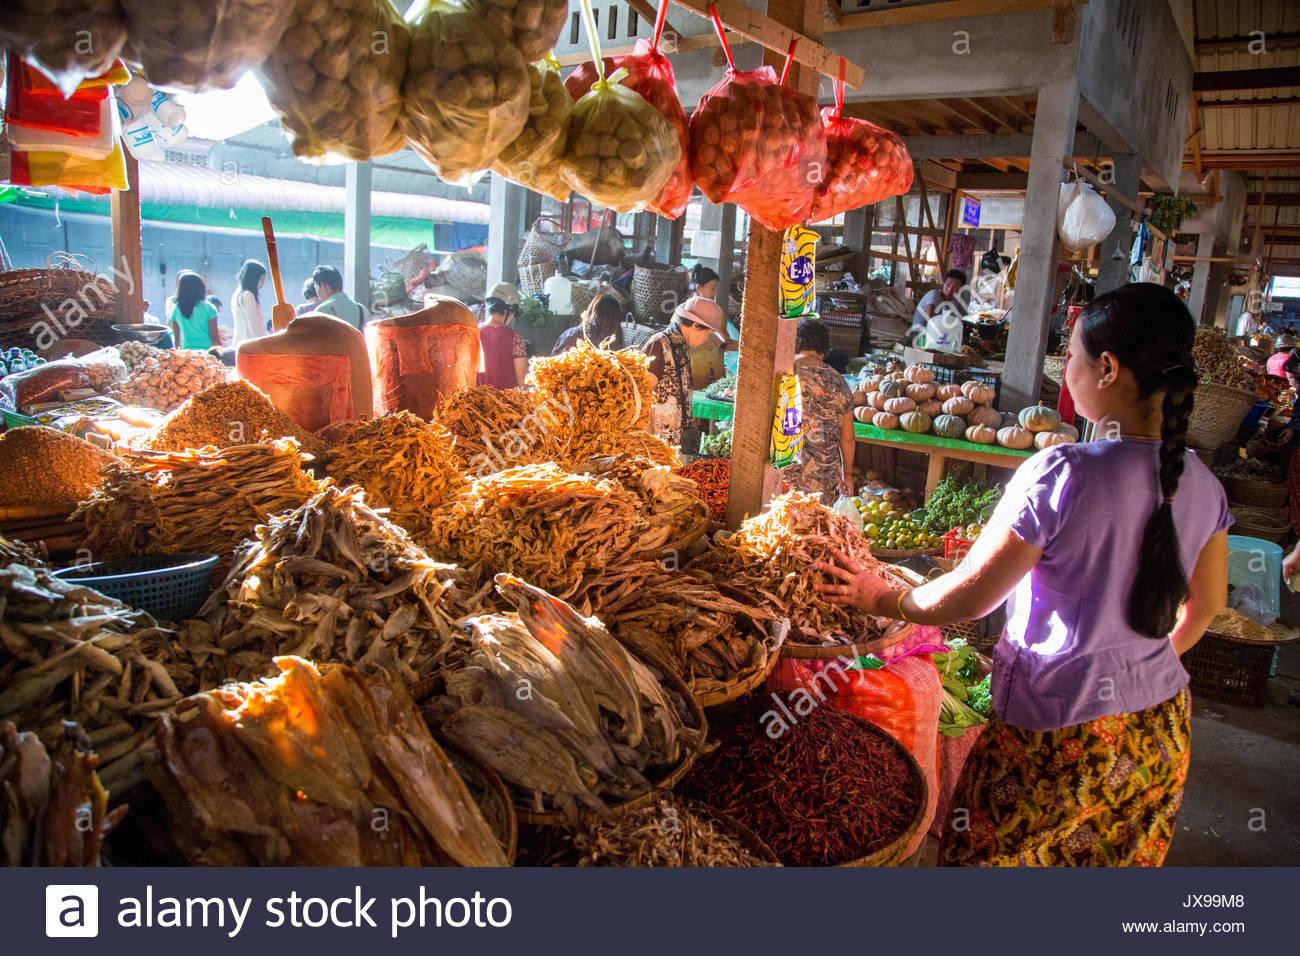 Une femme se trouve à côté d'un décrochage du vendeur rempli d'aliments déshydratés. Photo Stock